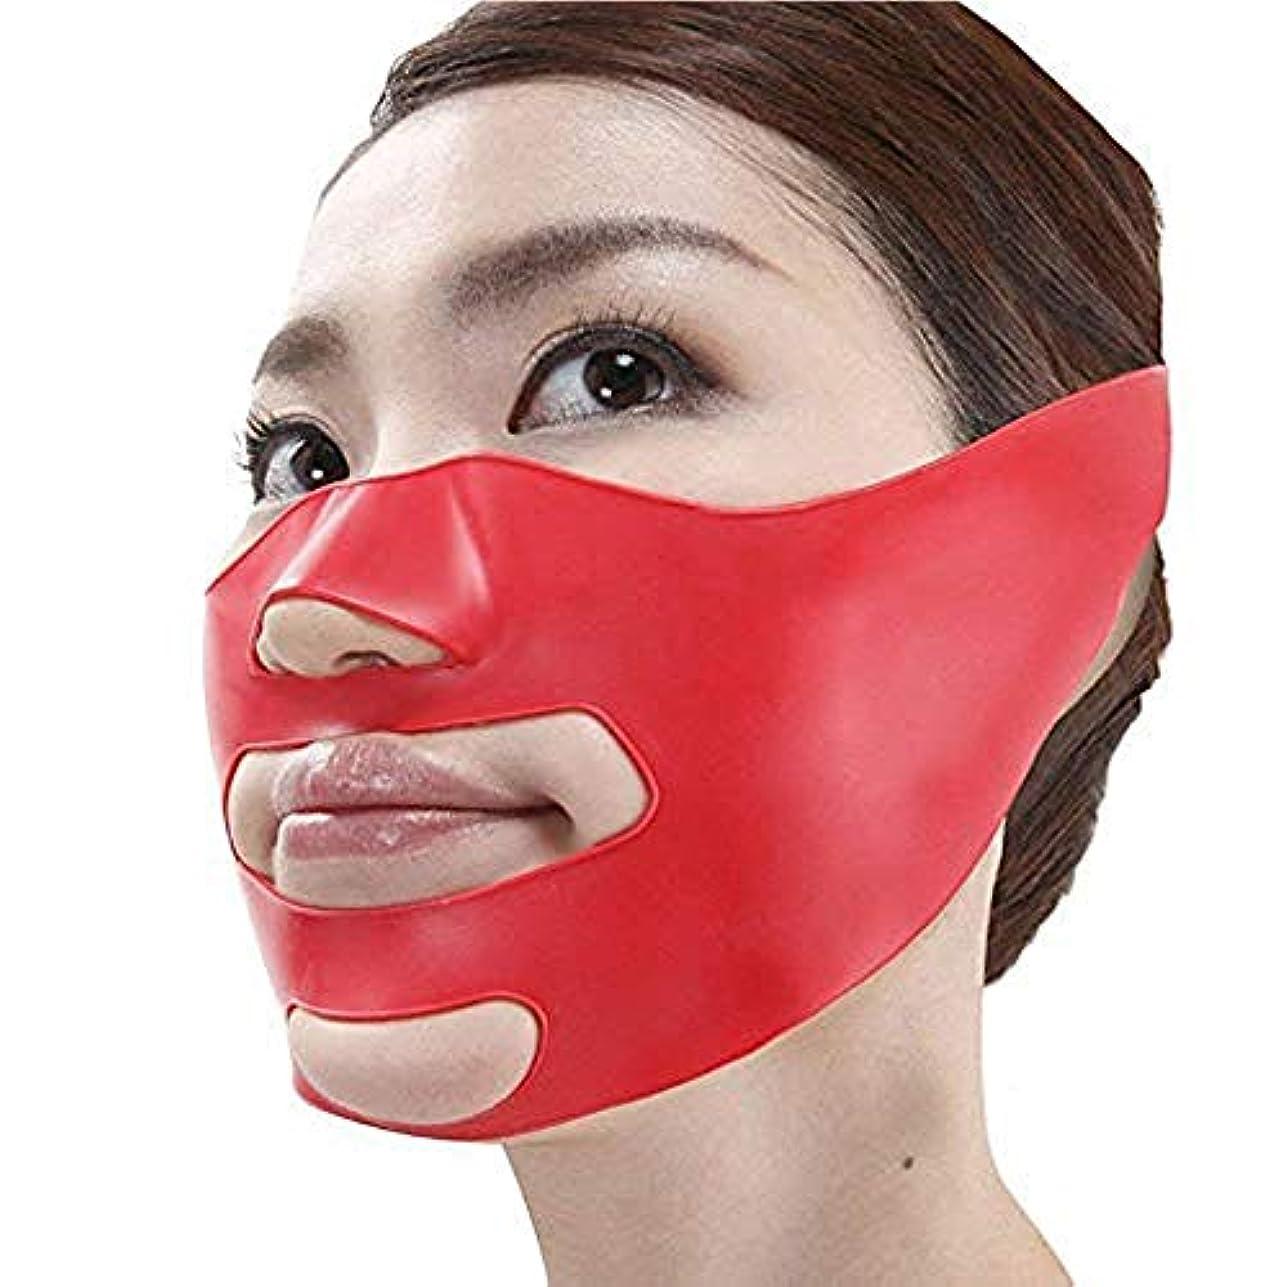 侮辱マオリ楽しいMilent 小顔矯正 マスク 小顔補正ベルト ほうれい線 リフトスリムマスク 3Dエクササイズマスク 法令線予防 抗シワ サウナマスク 美顔 フリーサイズ